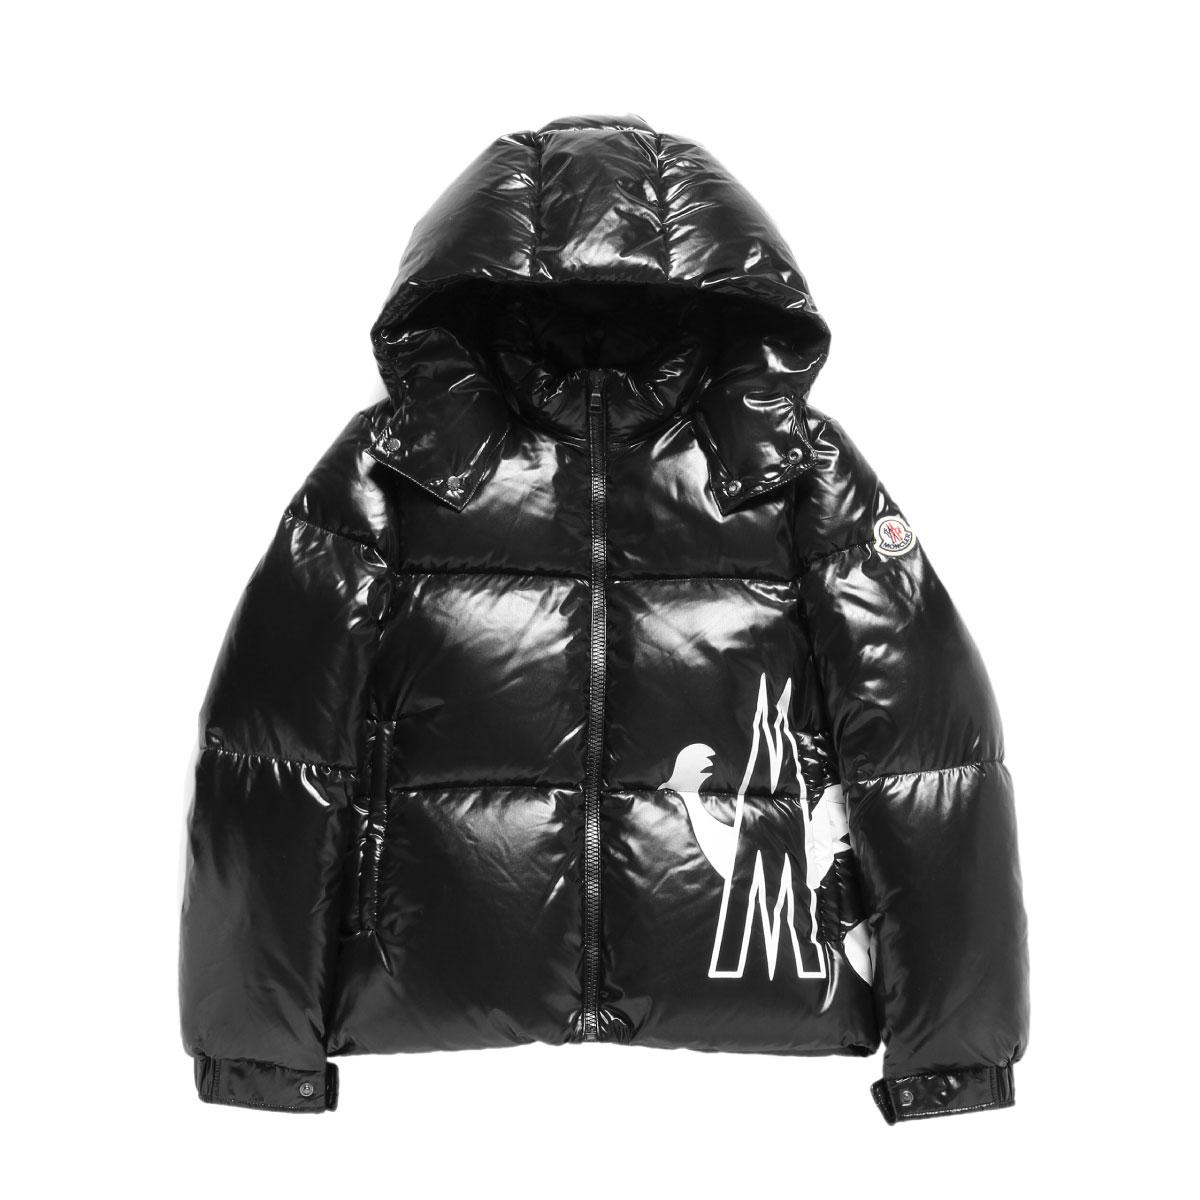 モンクレール MONCLER アウター キッズ ボーイズ ガールズ FRIESIAN 68950 999 フード付 ダウンジャケット FRIESIAN フリージアン BLACK ブラック 10A